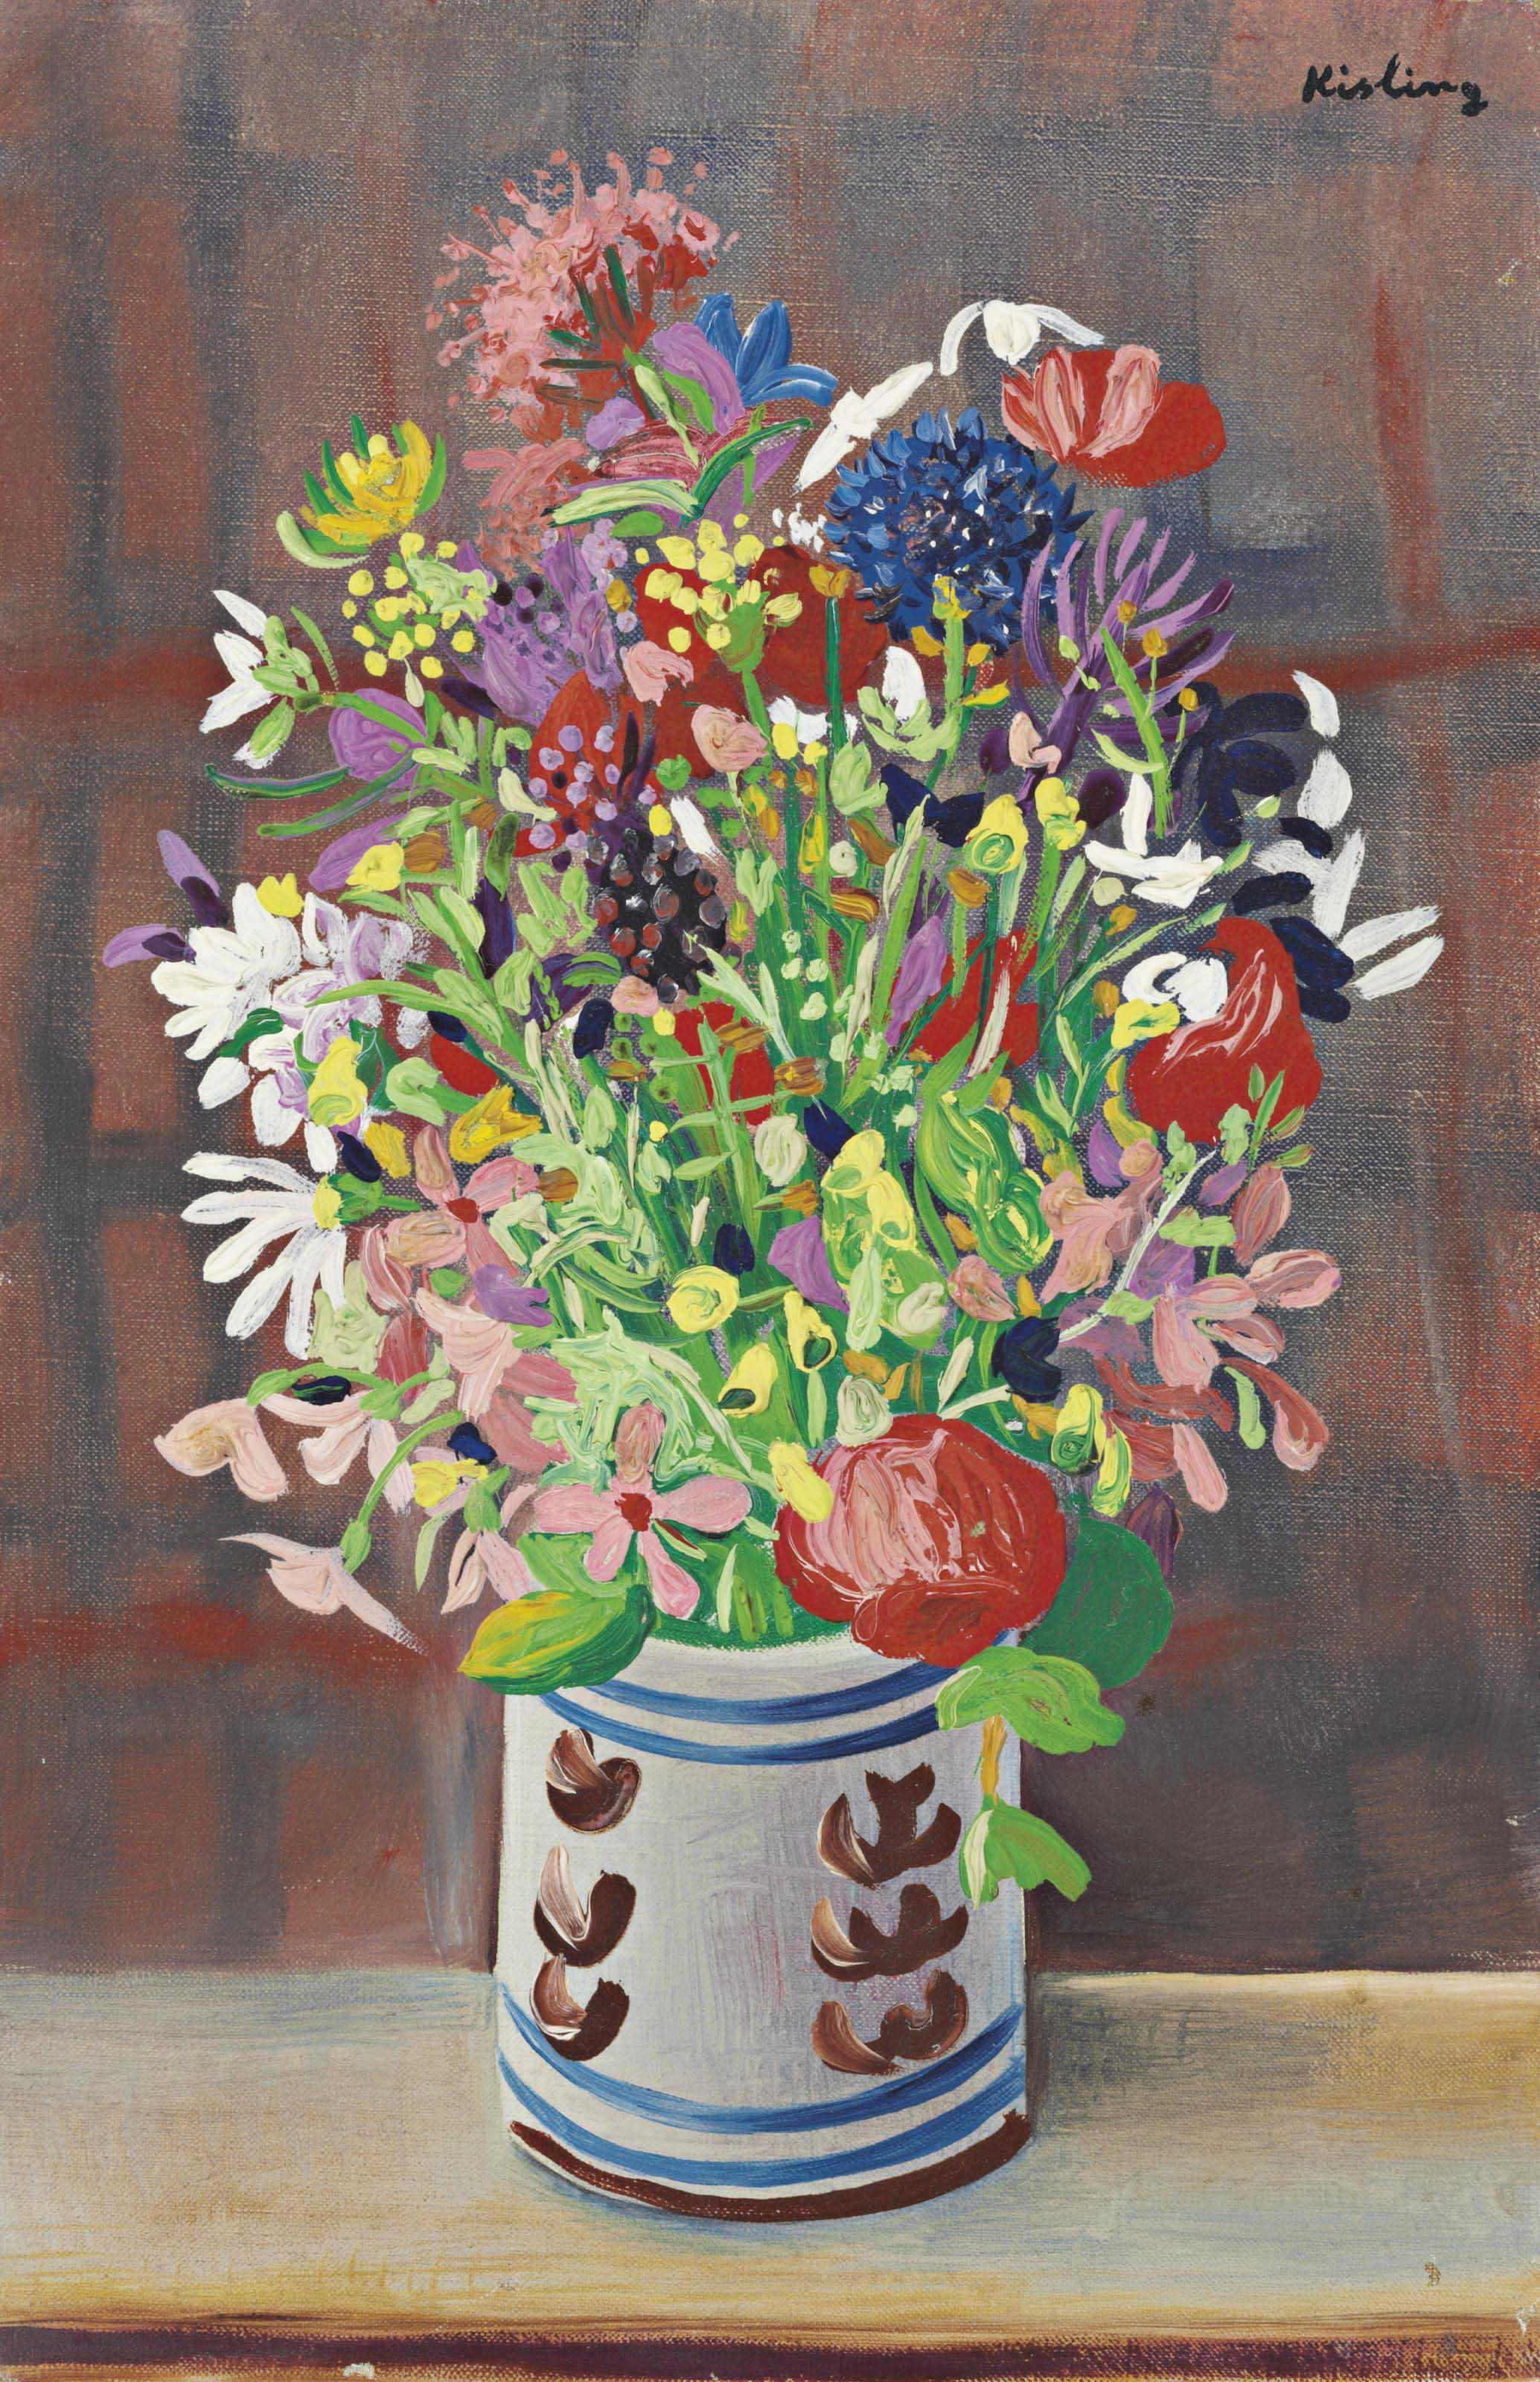 Moise kisling 1891 1953 bouquet de fleurs christie 39 s for Bouquet de fleurs 2016